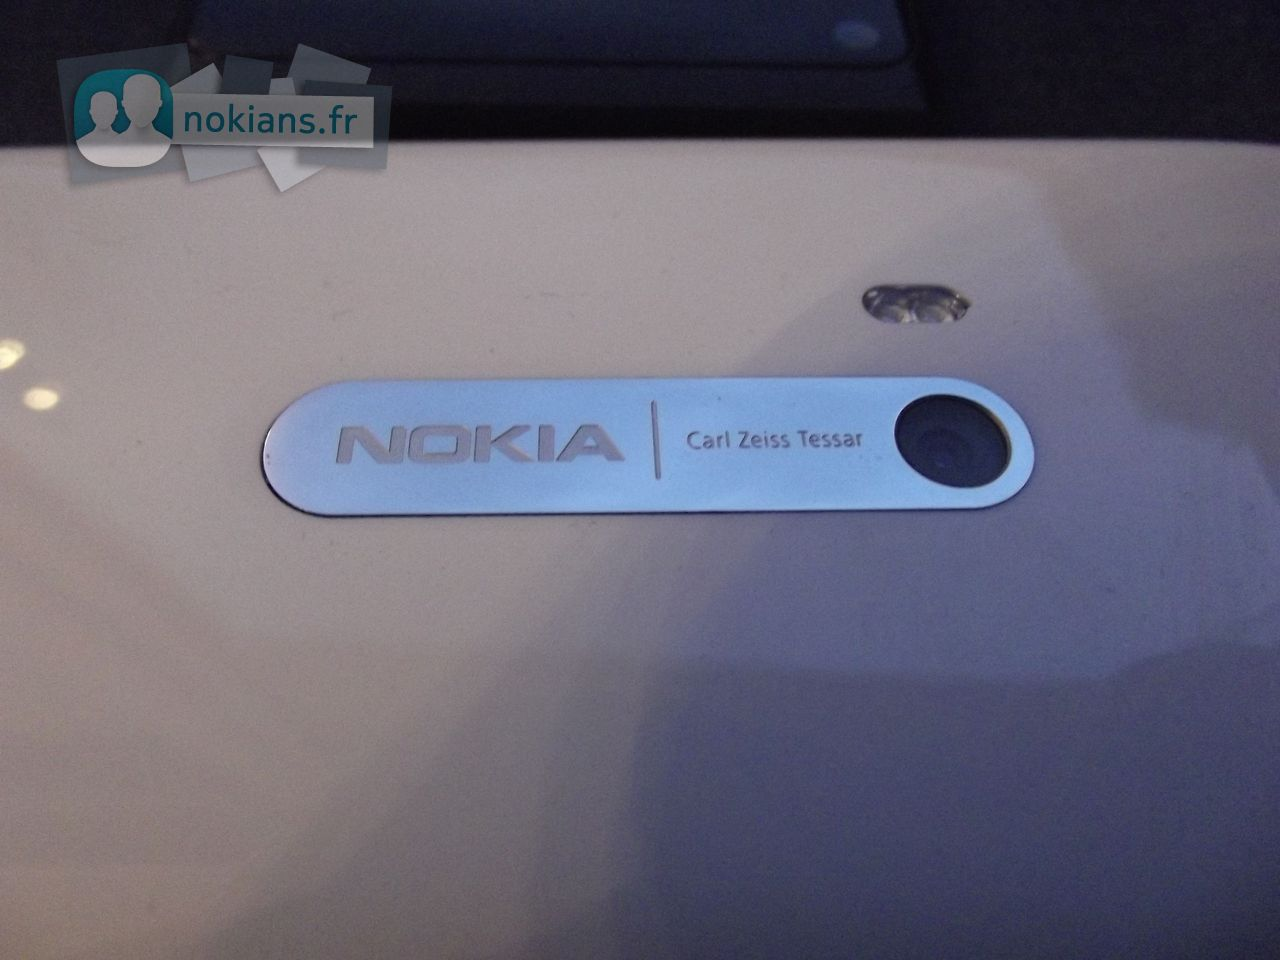 White_Nokia_N9_NokiansFr_07